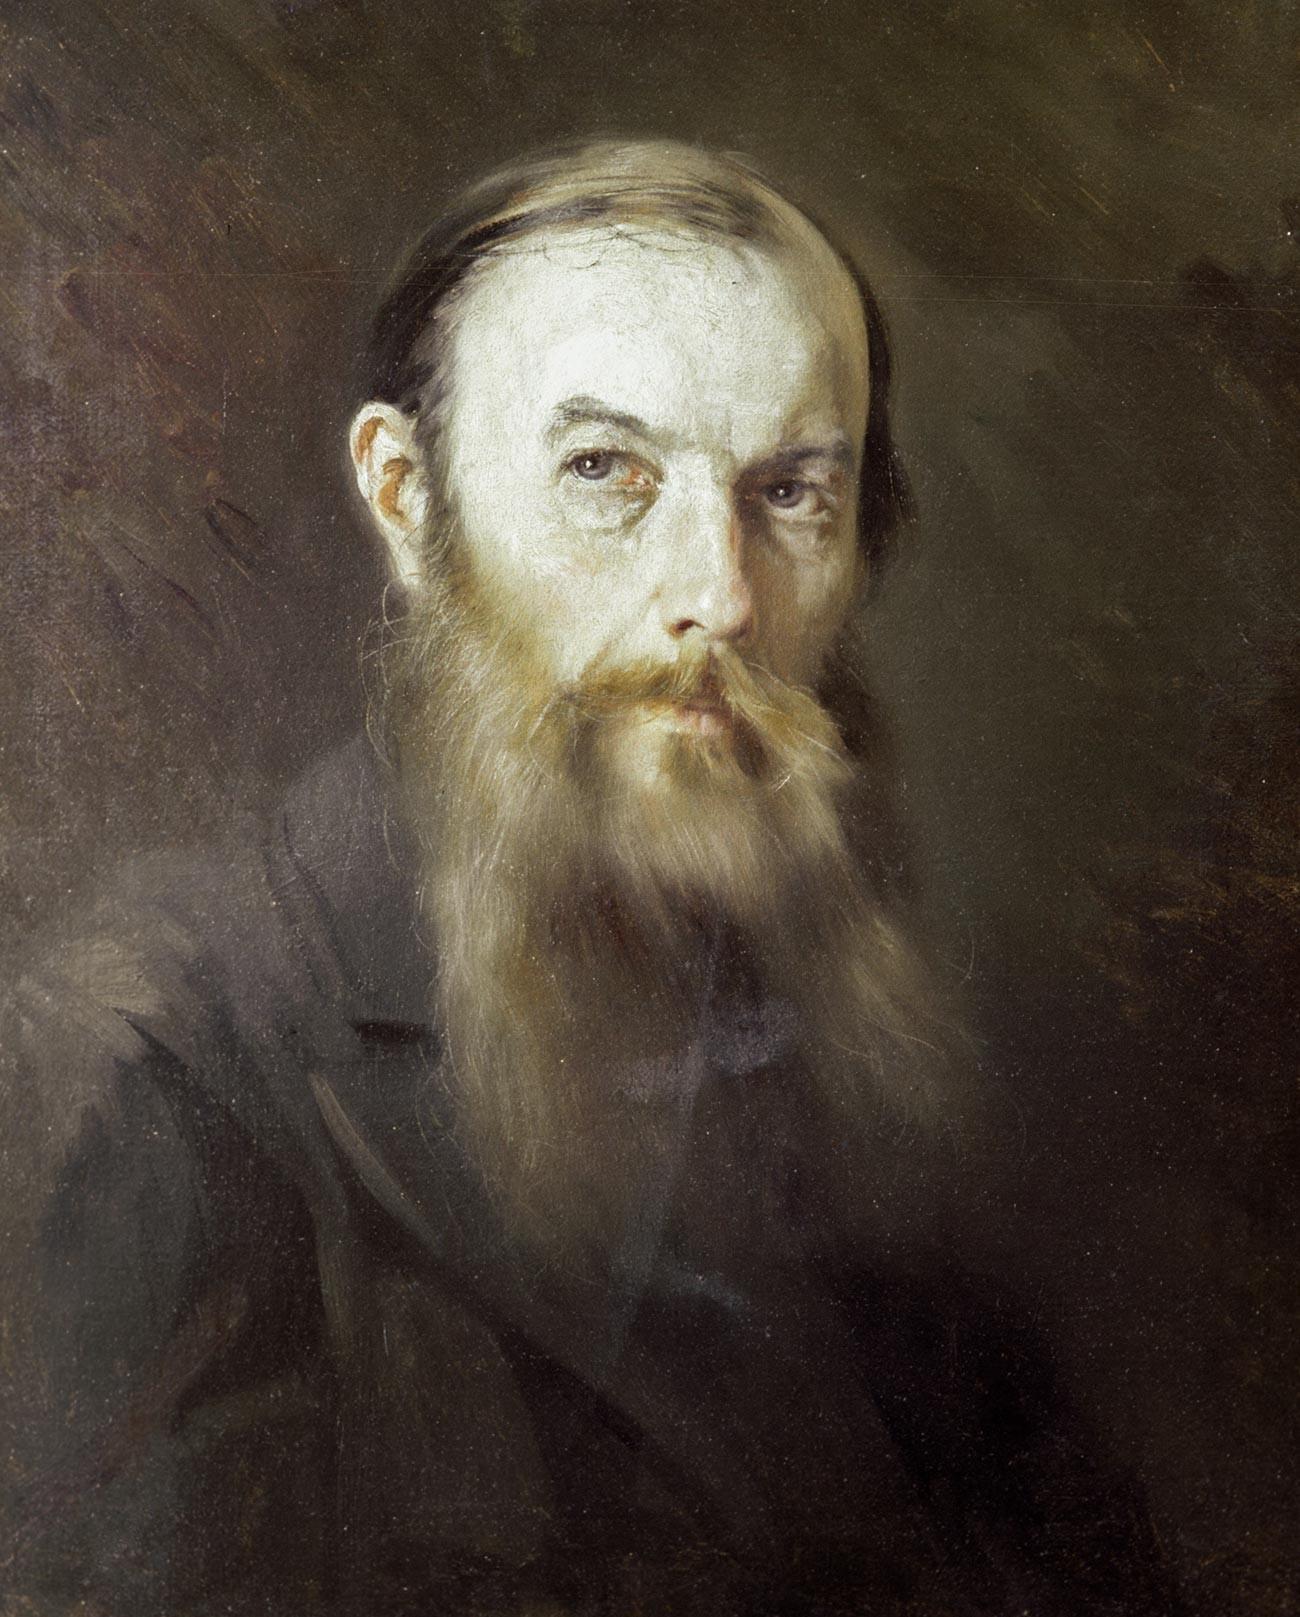 Репродукция на портрет на Достоевски от художника М. Шчербатов